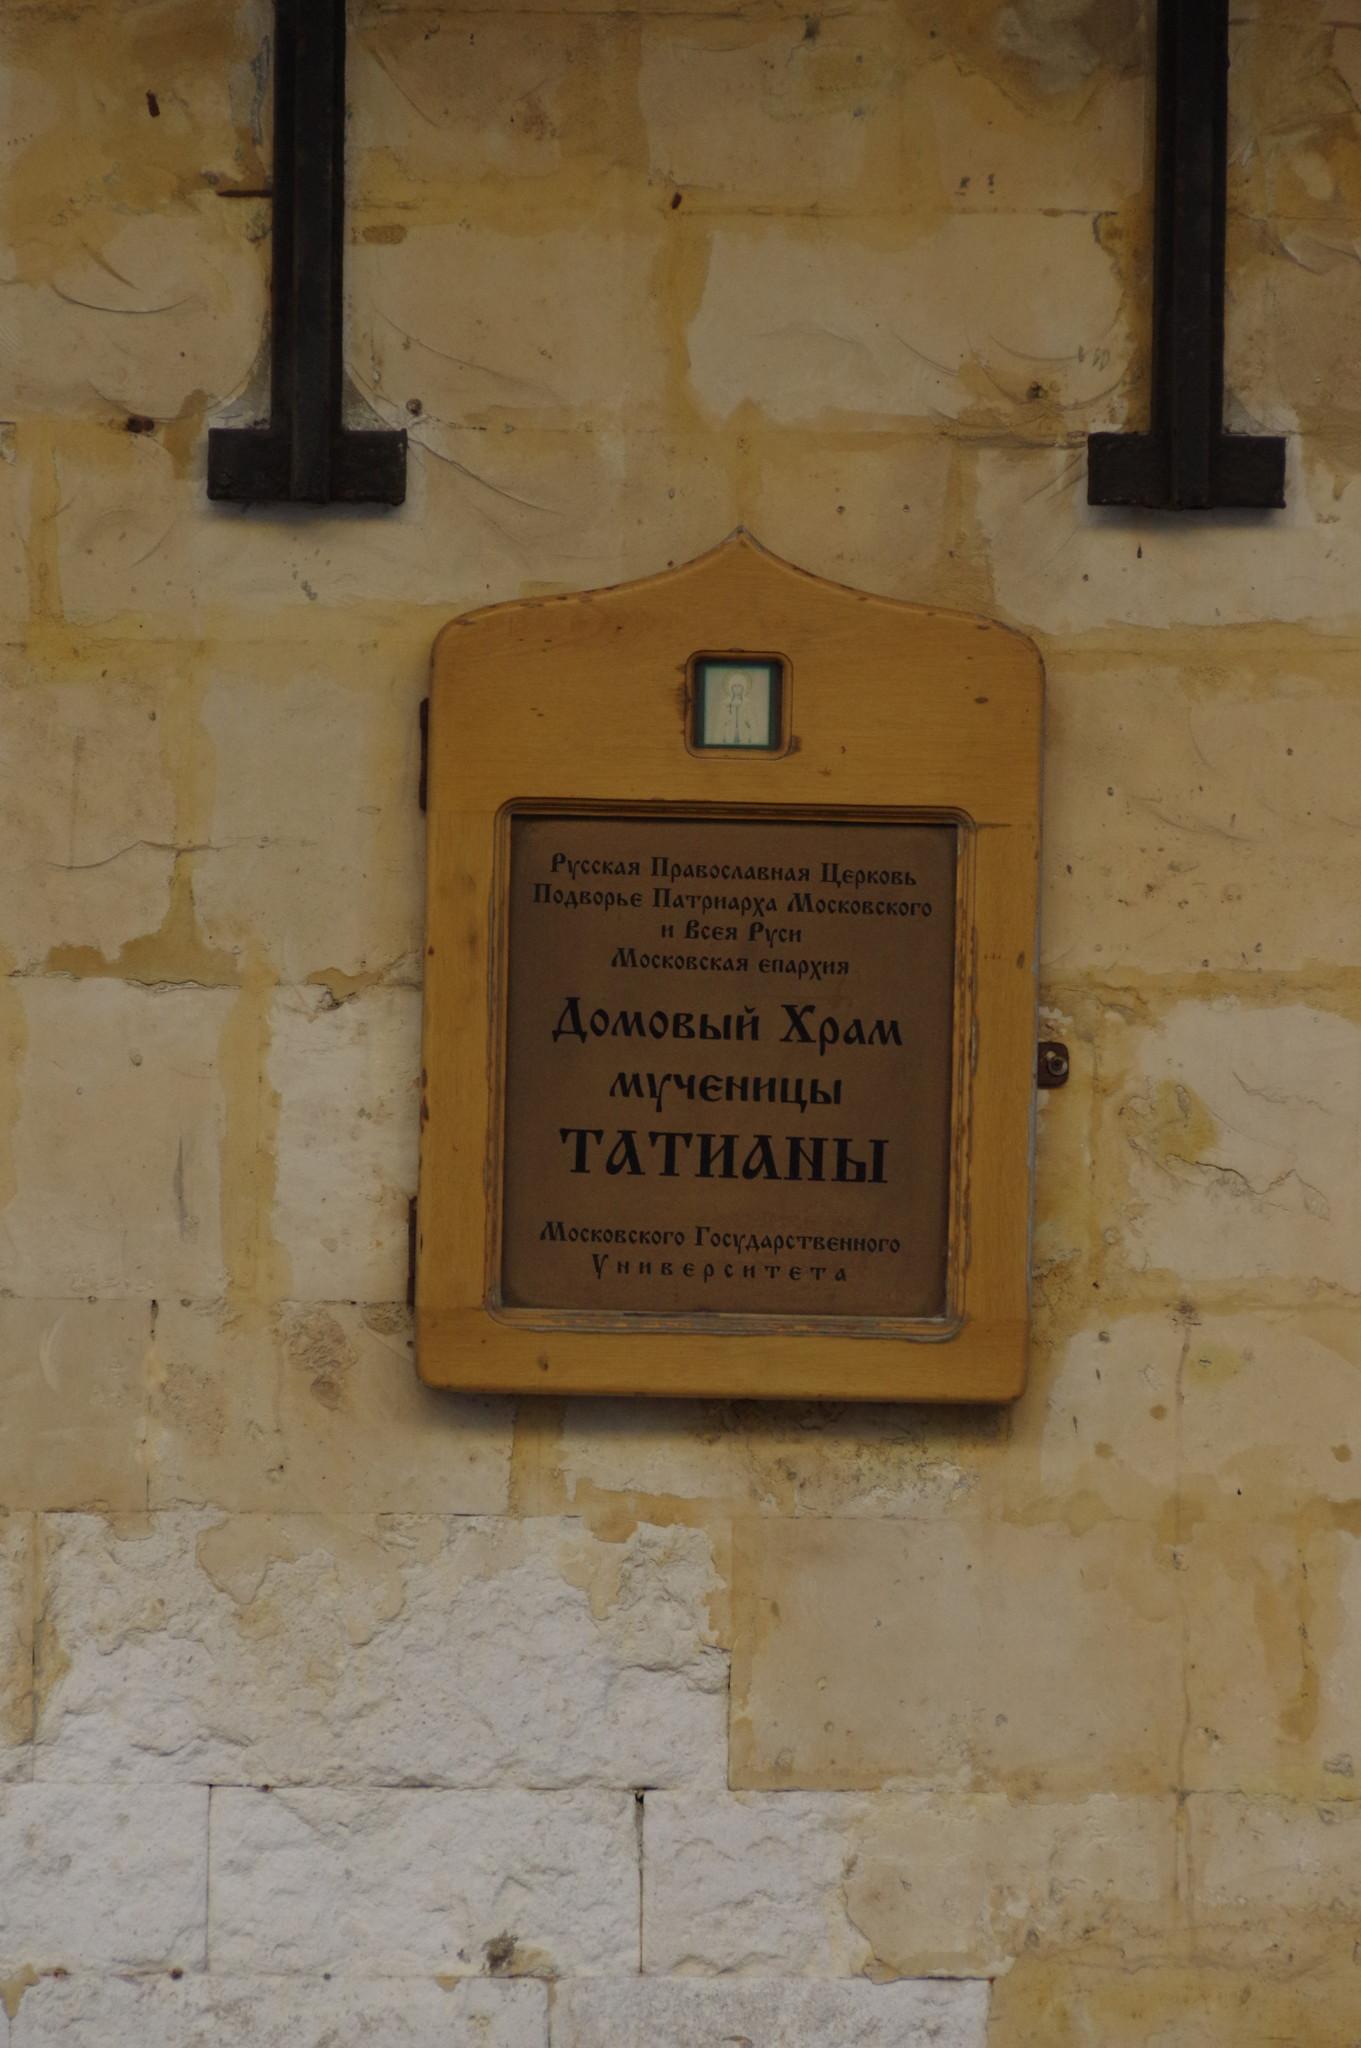 Домовый храм мученицы Татианы МГУ имени М. В. Ломоносова (Большая Никитская улица, дом 1)